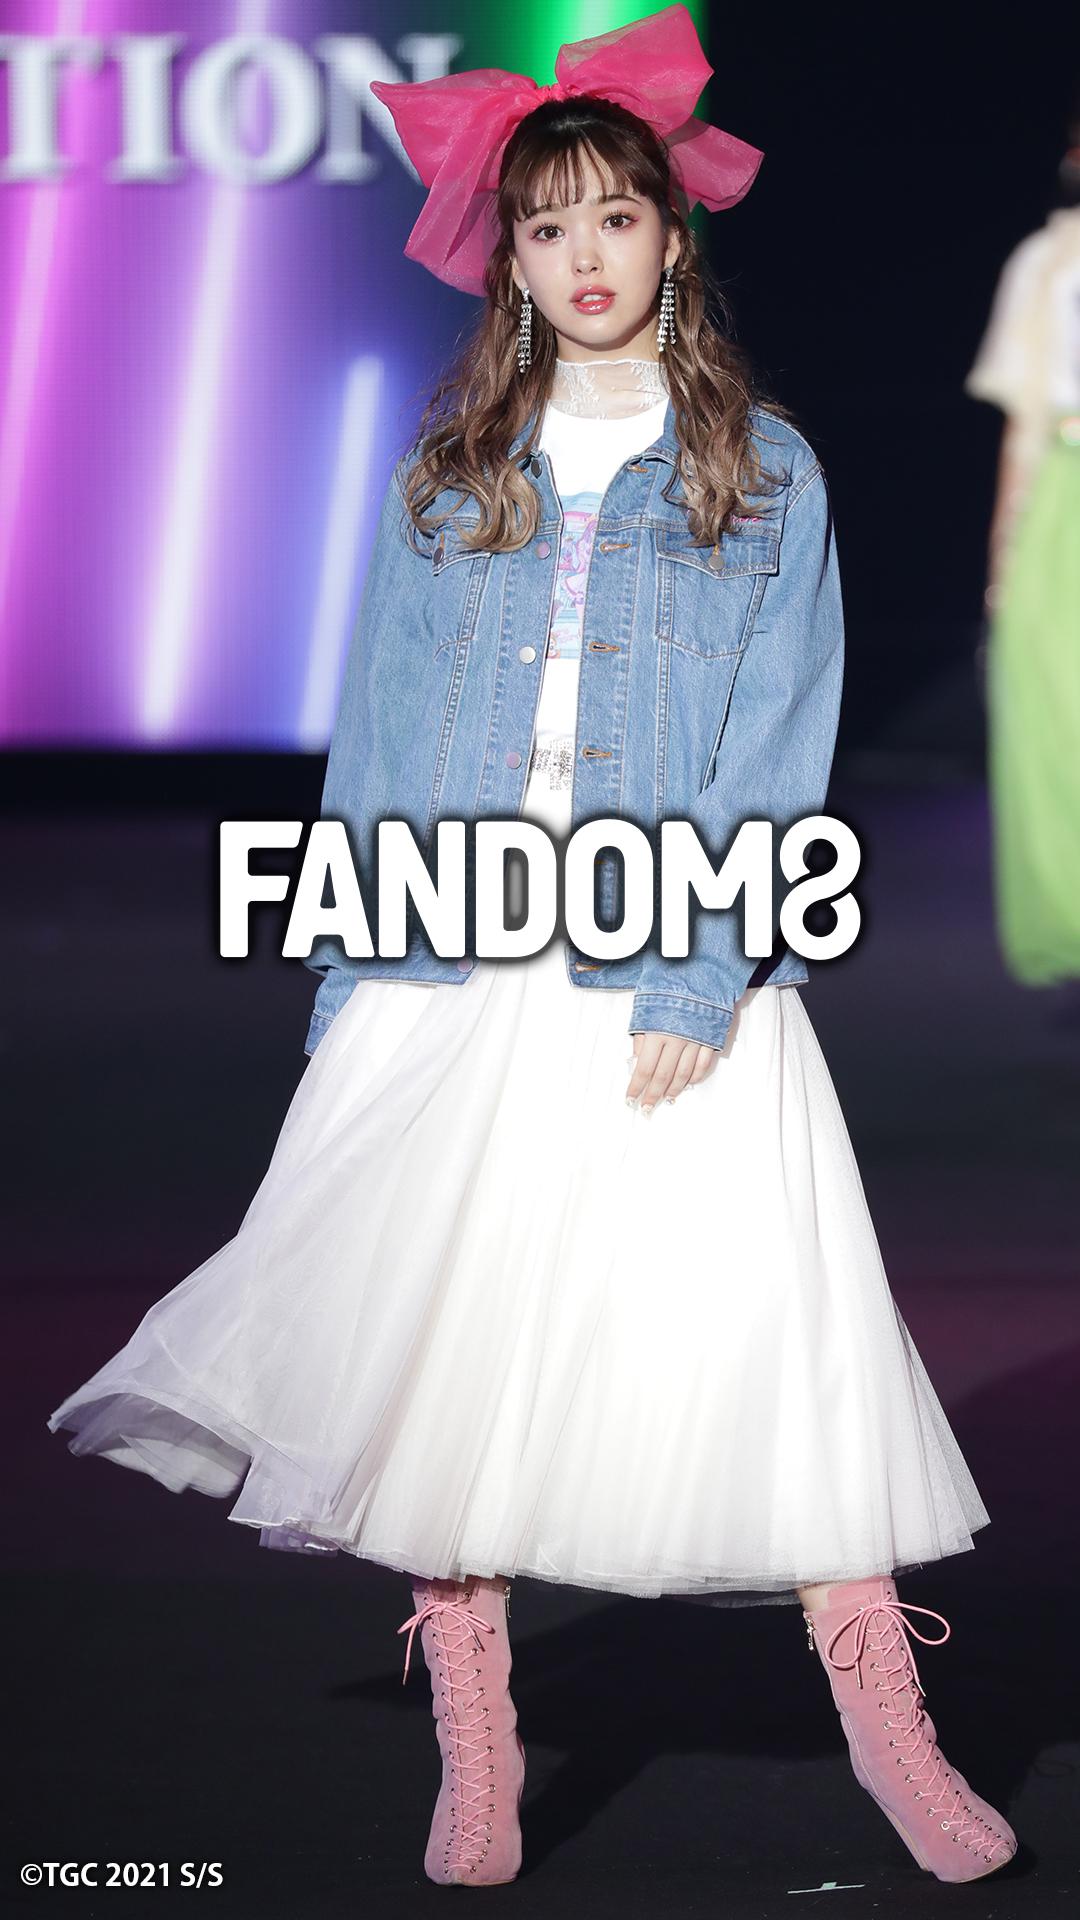 FANDOM8